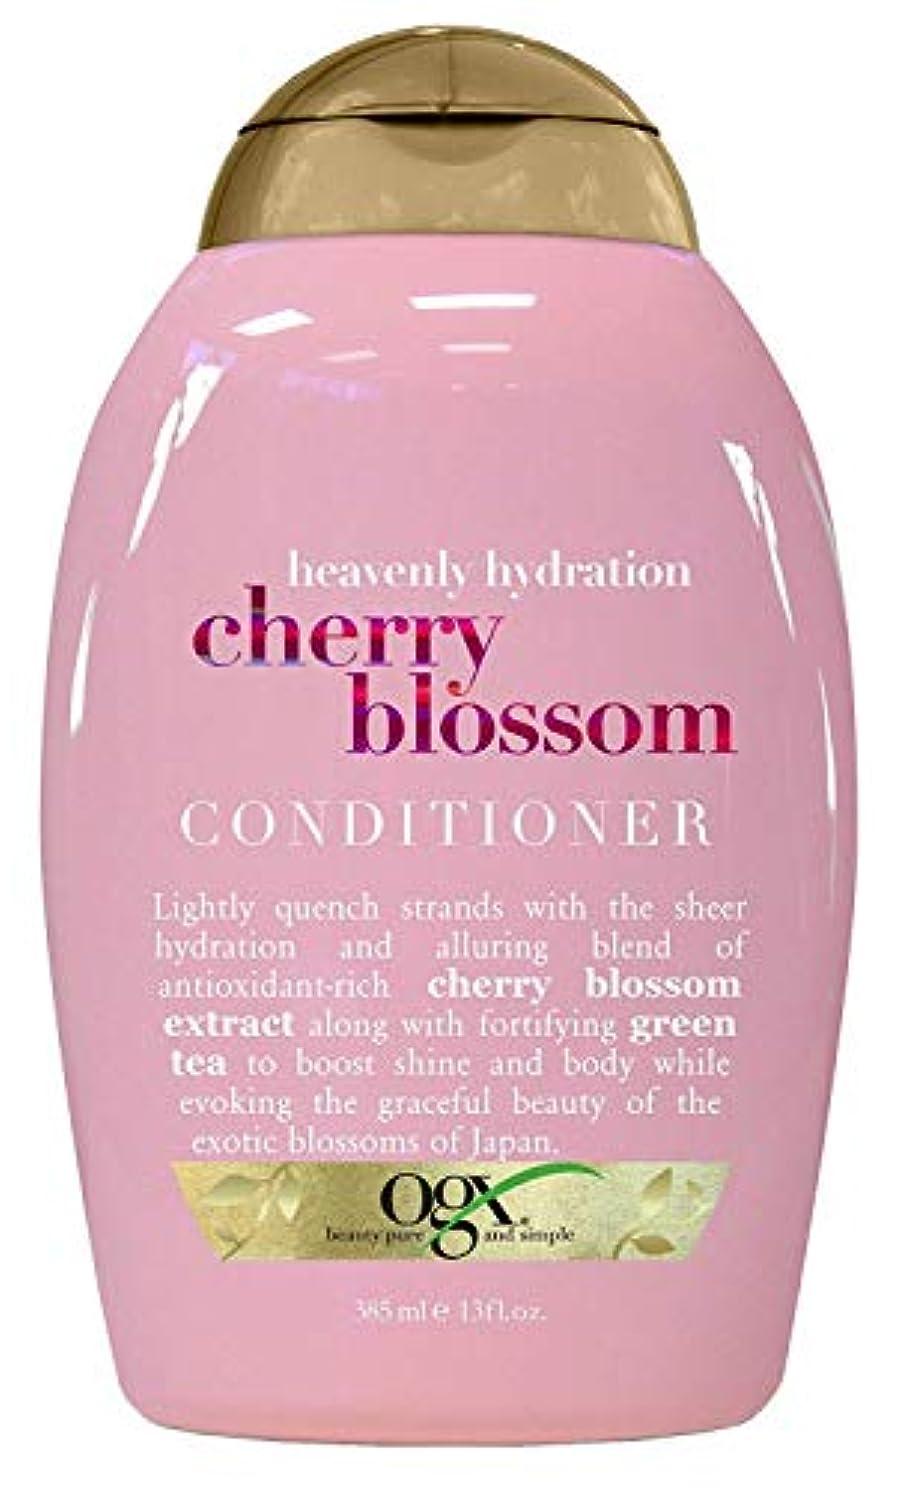 繁殖贈り物作るOGX Heavenly Hydration Cherry Blossom Conditioner 13oz 360ml チェリーブロッサム コンディショナー [並行輸入品]